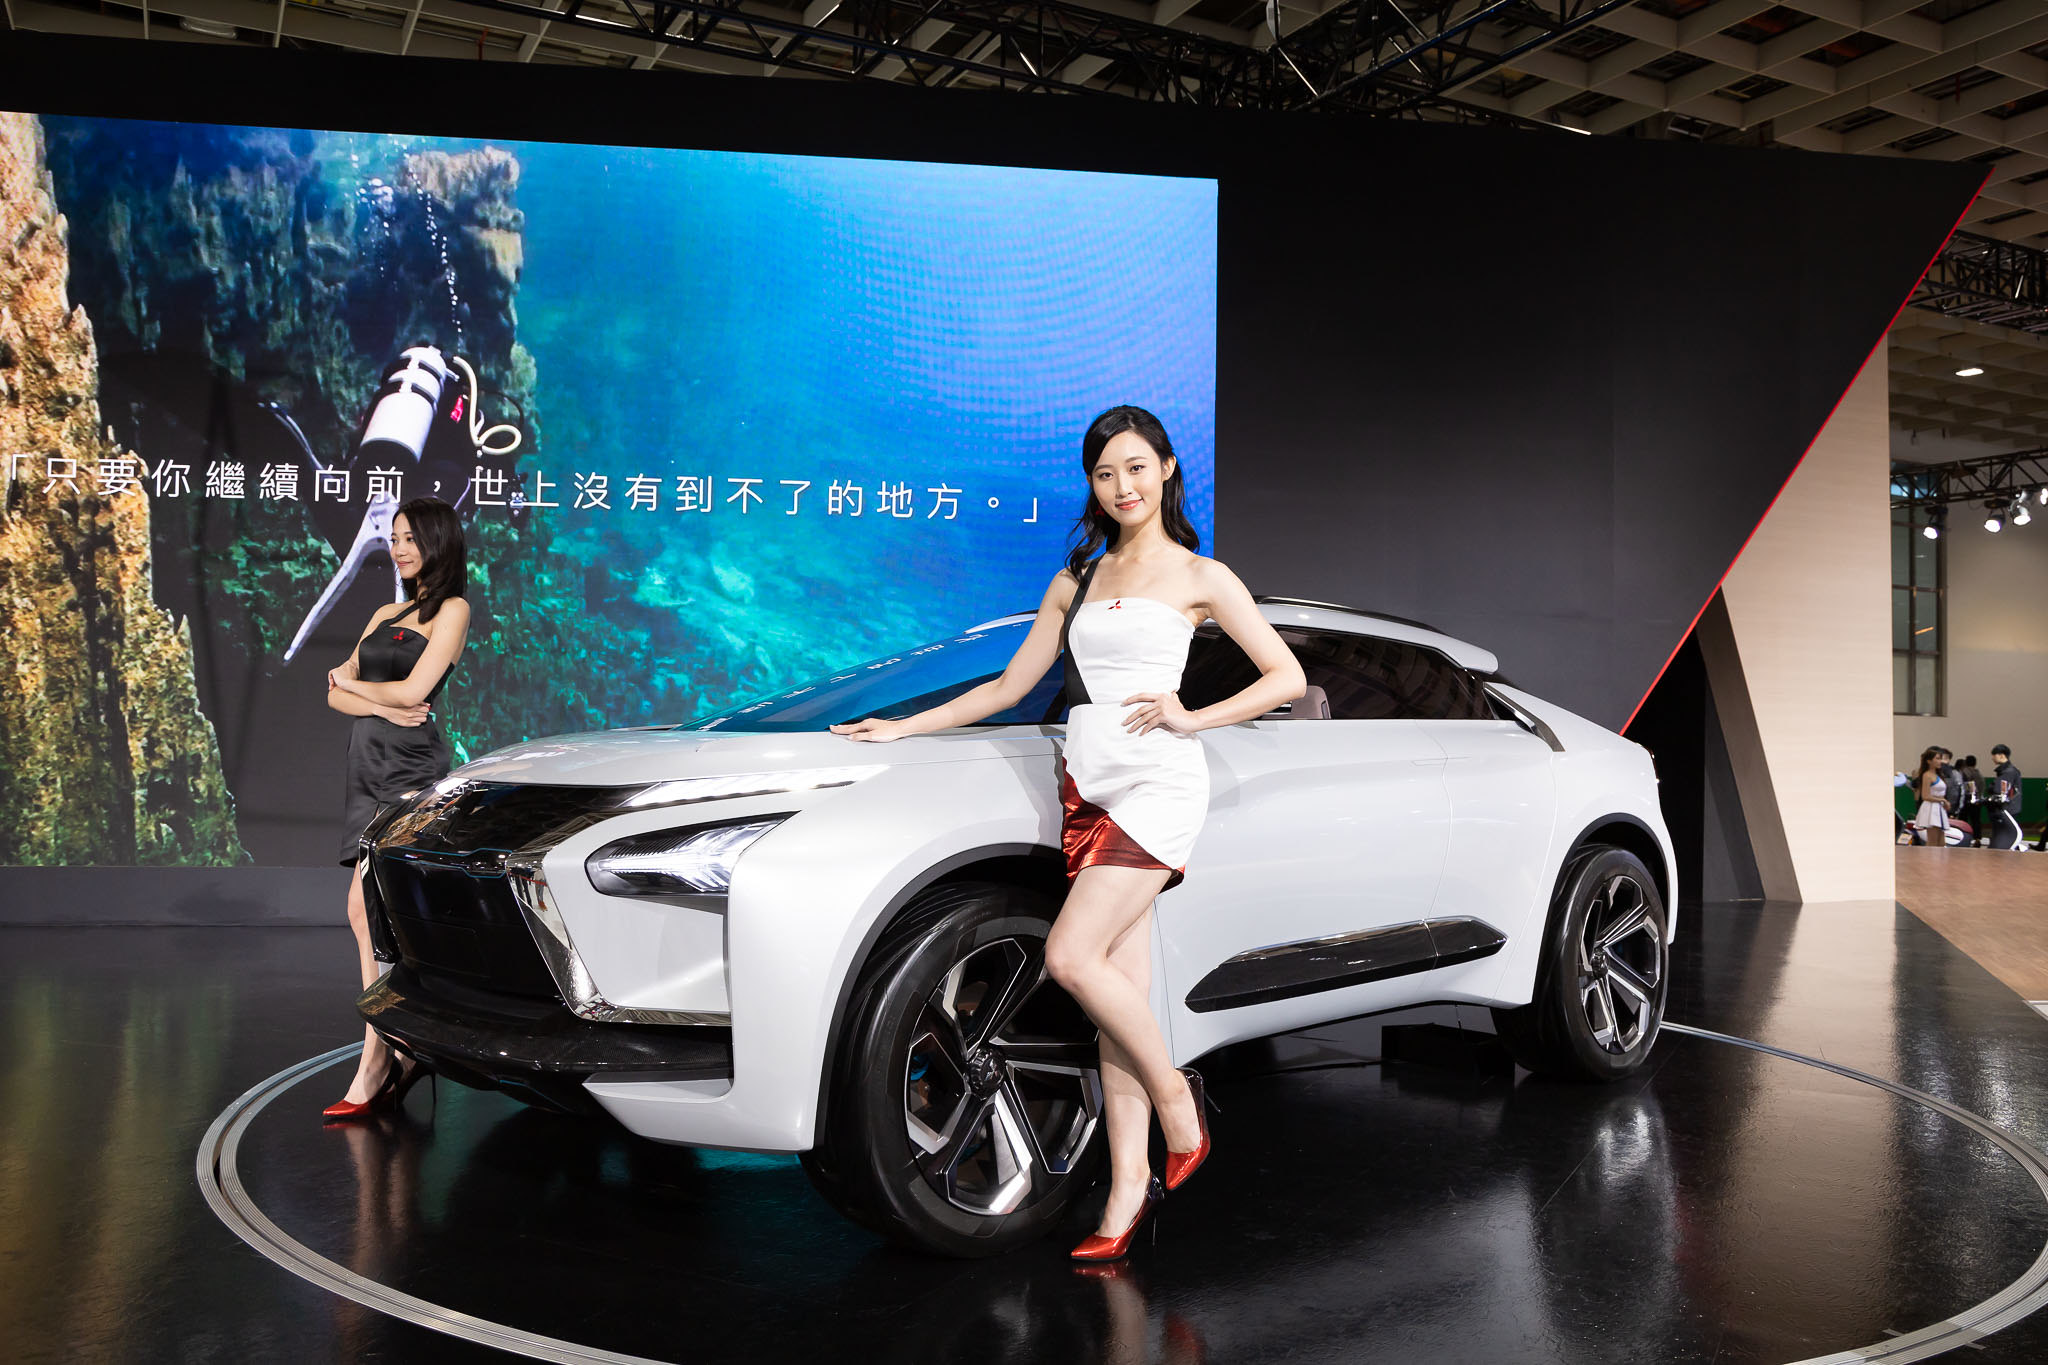 汽車 Cars - 台北 2020 Taipei 2020 #0065